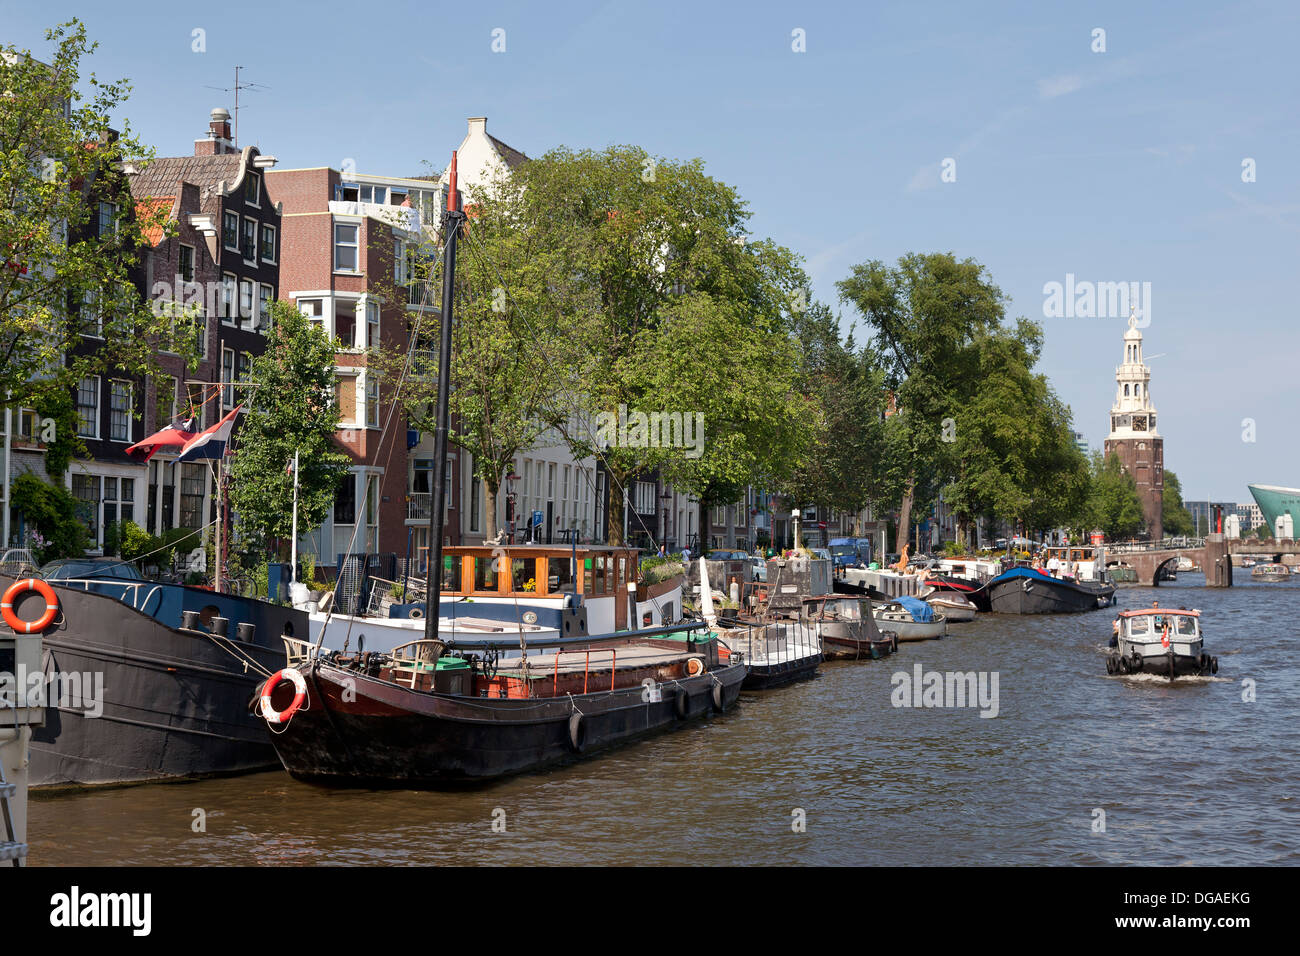 Le navi nel canale di Amsterdam con sullo sfondo la torre Montelbaans Immagini Stock